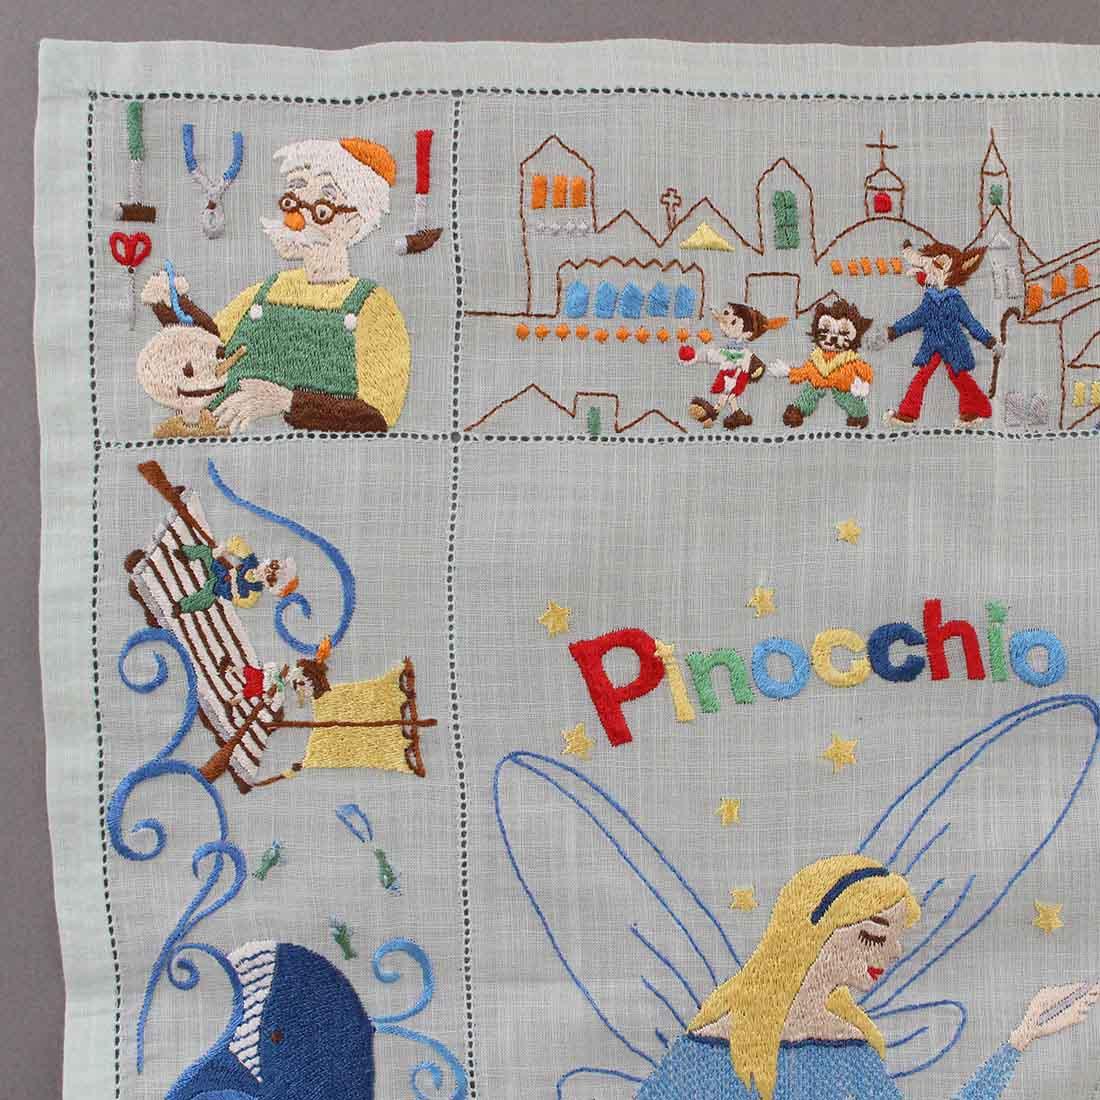 【送料無料】ベトナム手刺繍ハンカチ 絵本シリーズ ピノキオ 7402 グリーン